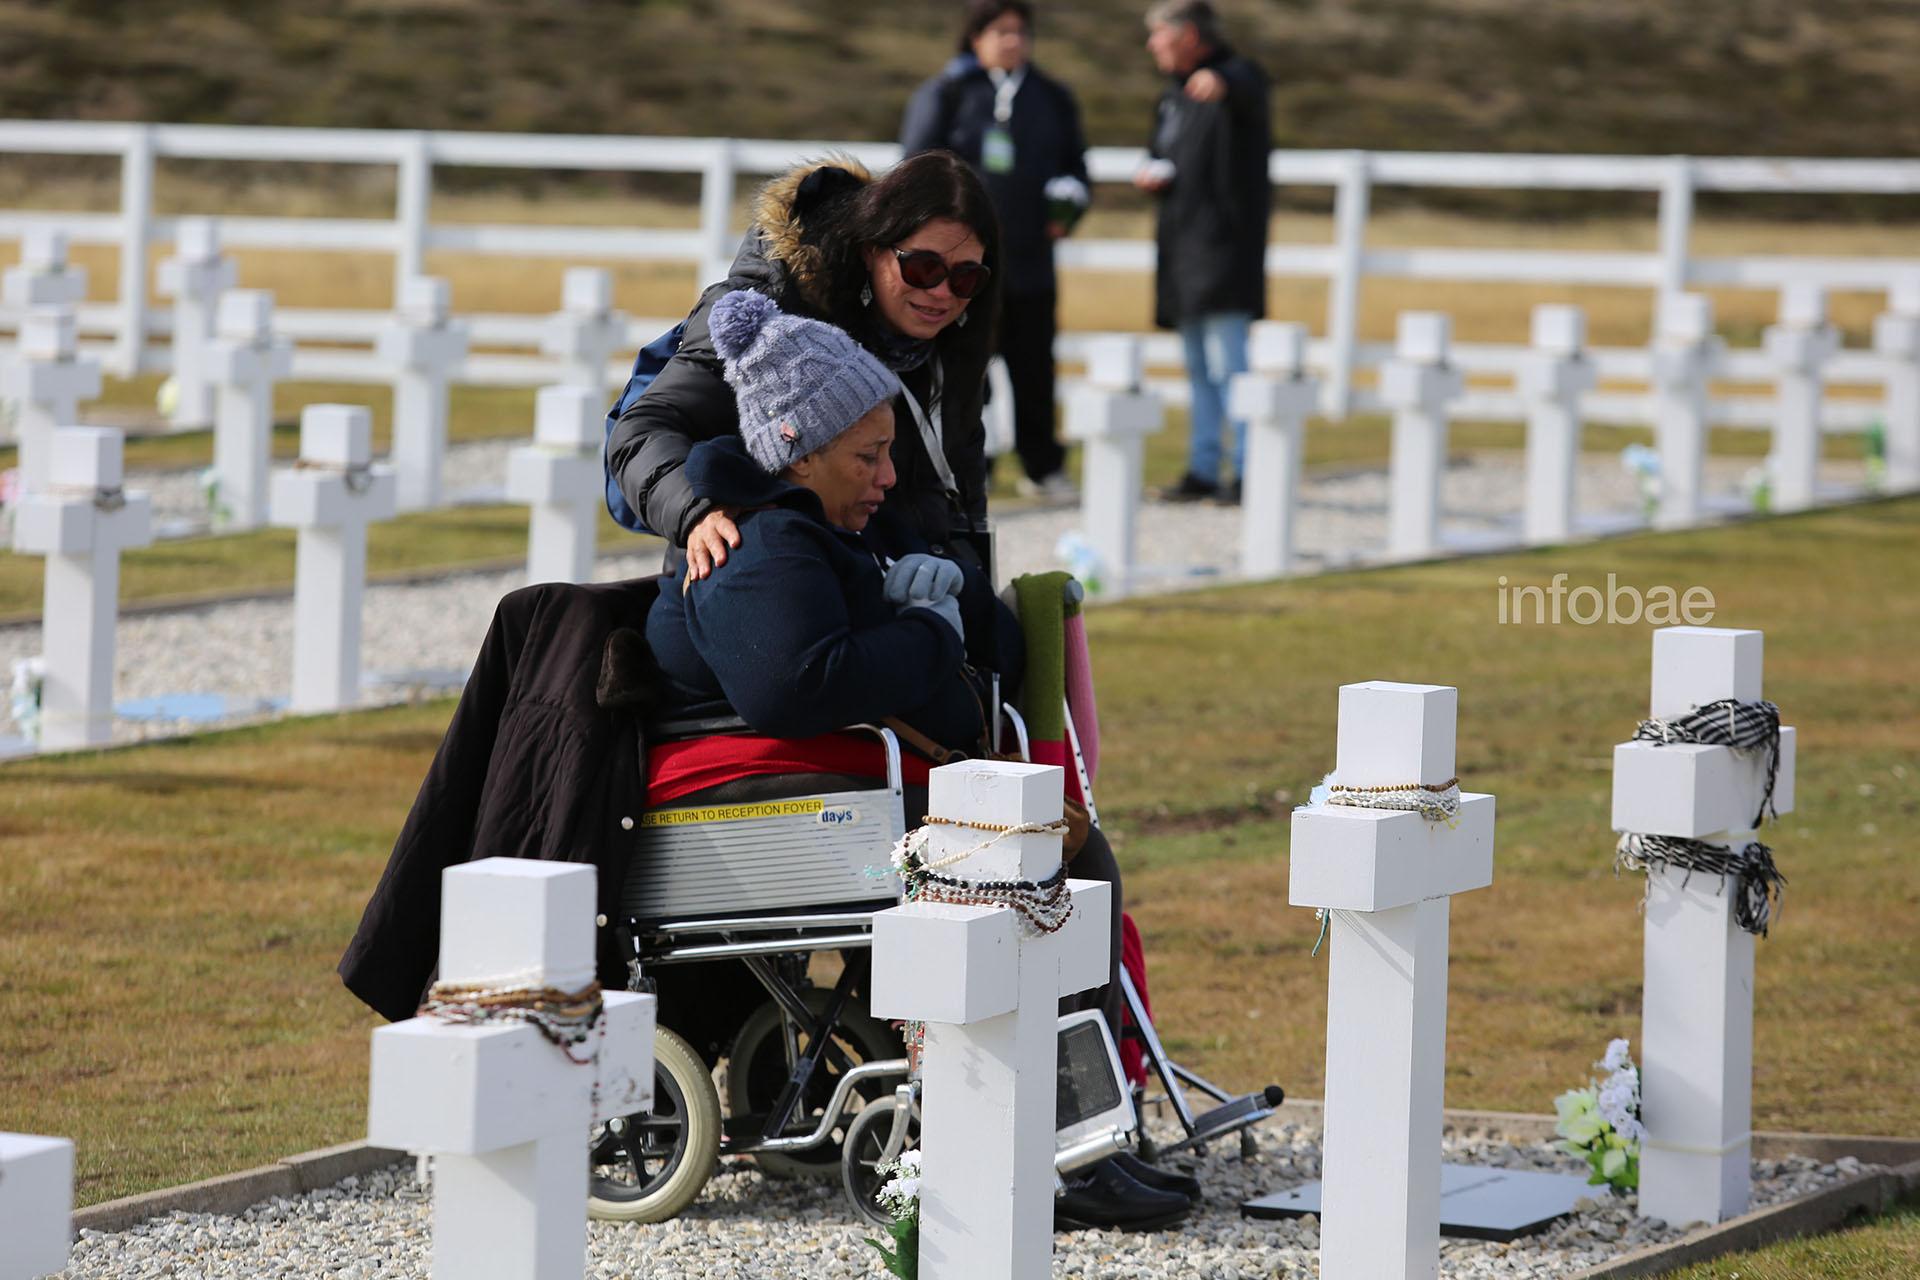 """Emocionada, la hermana de José Antonio Reyes Lobo visita por primera vez la tumba identificada del héroe. Cuando la familia supo que su hermano finalmente se hallaba en Darwin, recibió con júbilo la noticia: """"Aplaudimos todos y nos emocionamos. Nos trajo paz"""", recuerdan"""